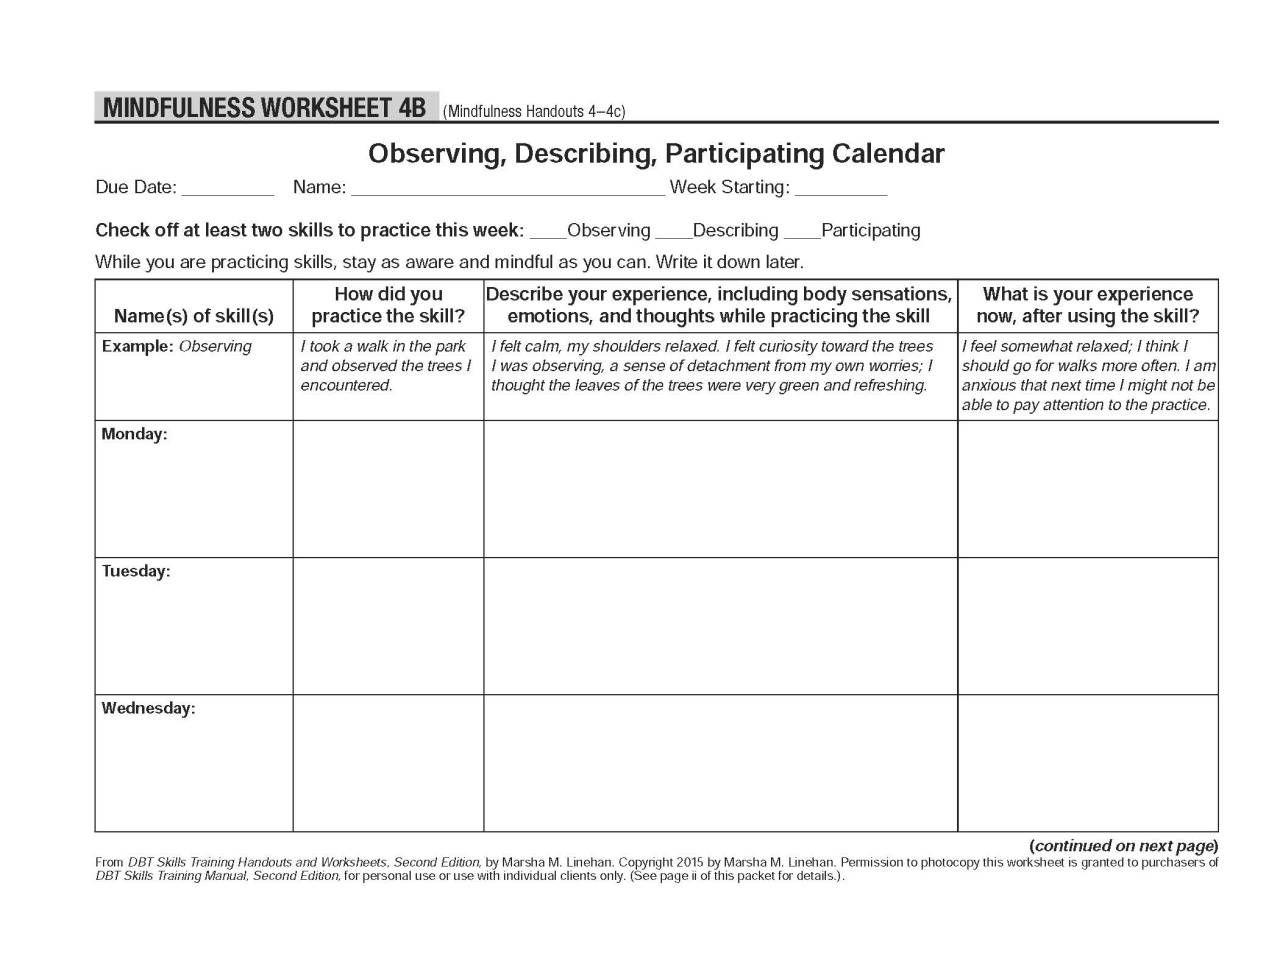 Image Result For Mindfulness Dbt Skills Worksheet